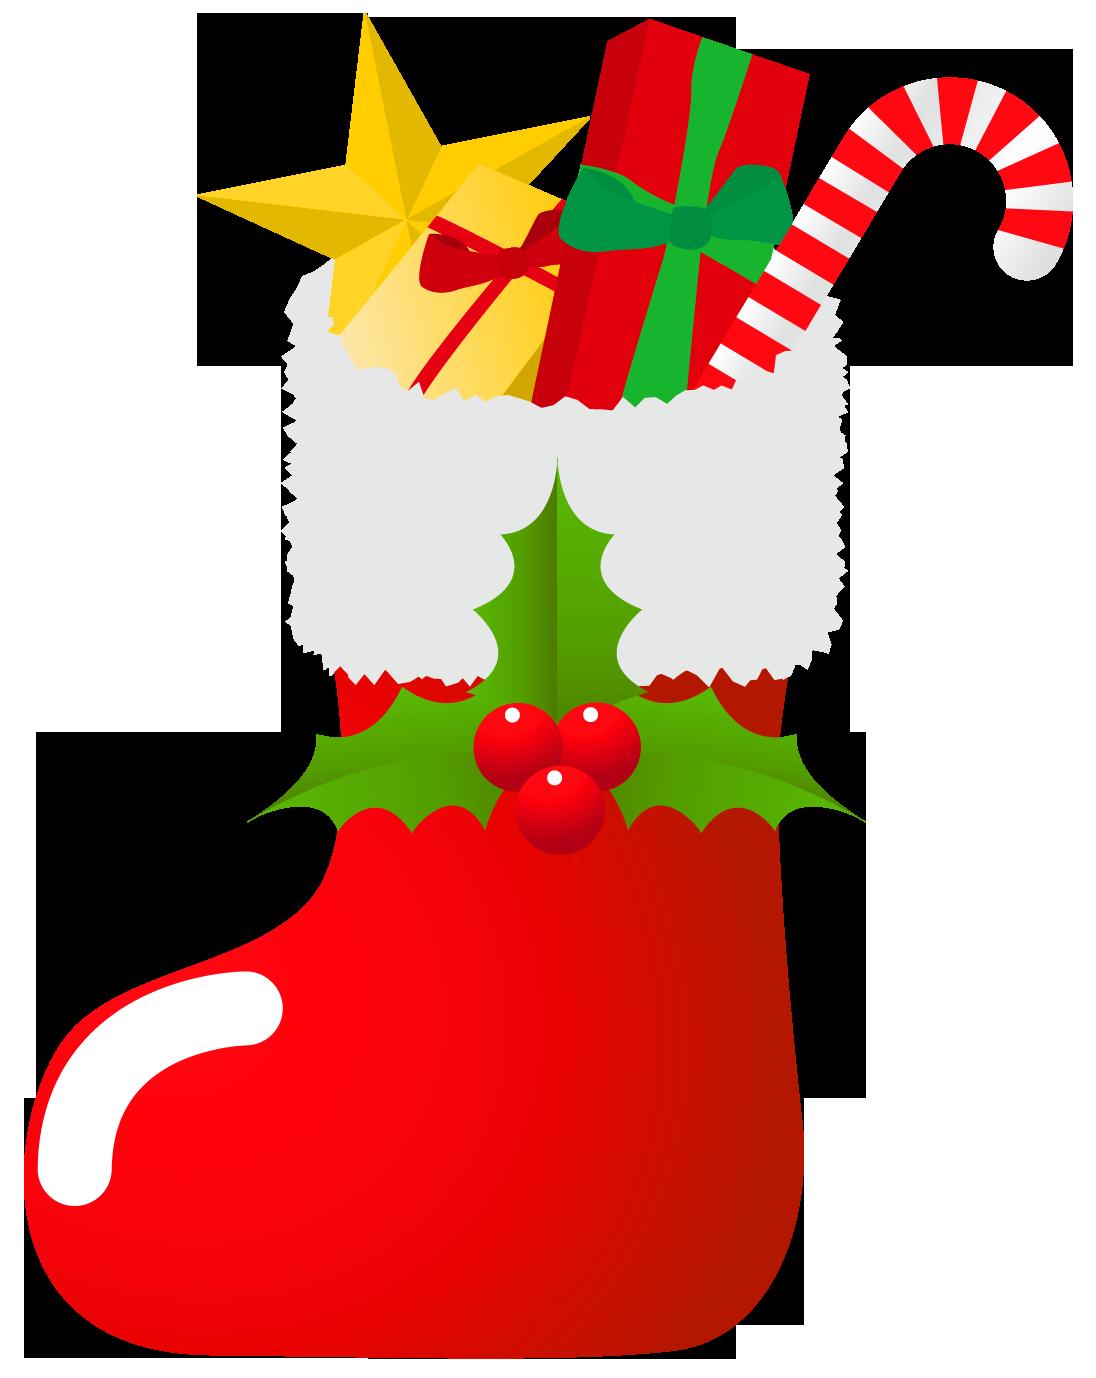 クリスマスのフリー素材|ダウンロード16【素材っち】